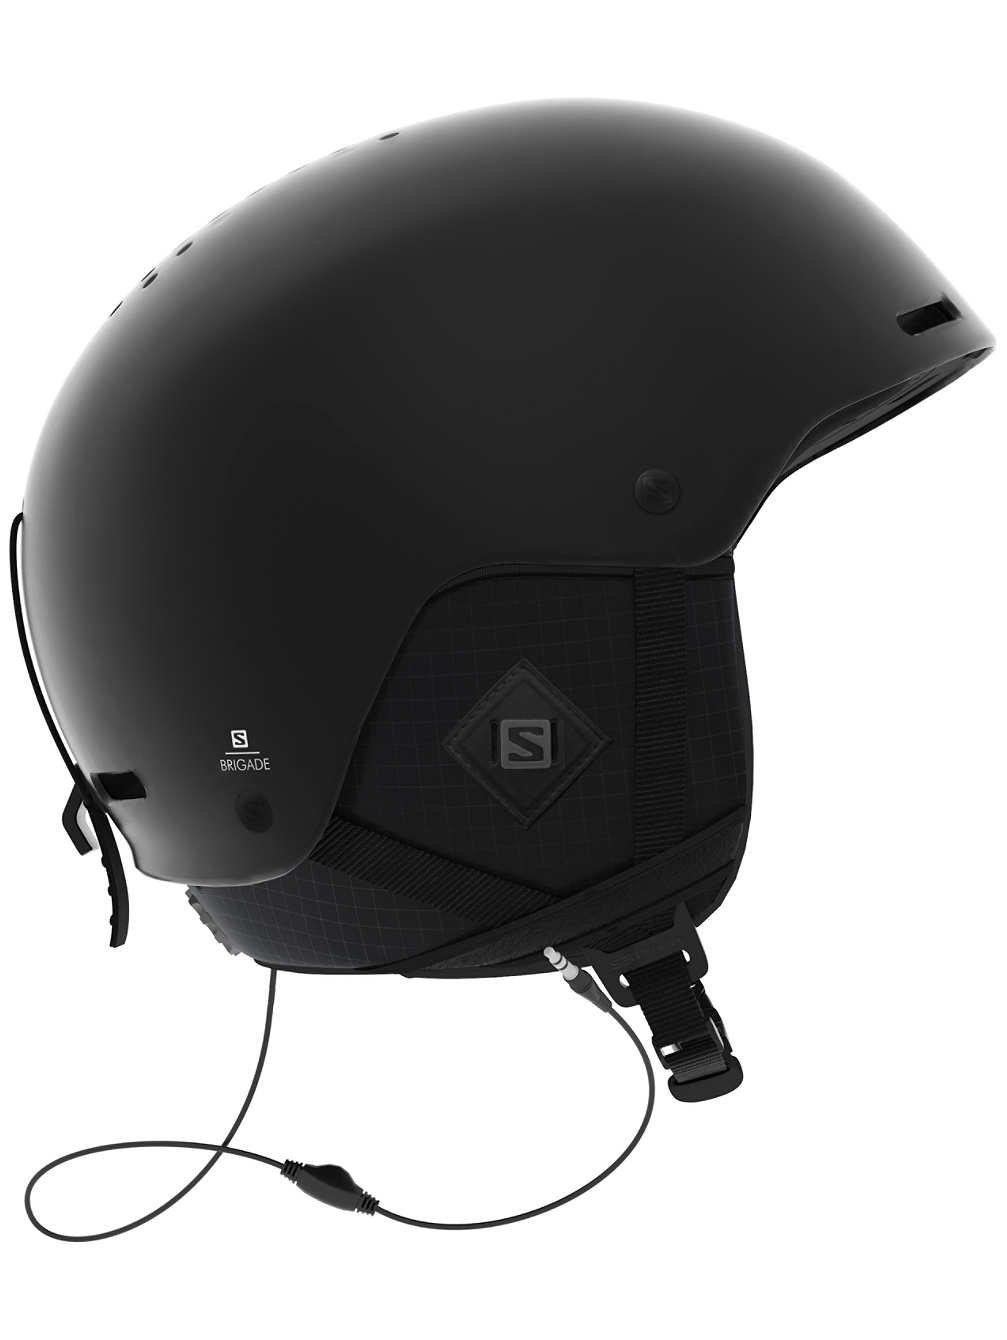 Salomon Herren Brigade+ Audio Ski- und Snowboardhelm, mit Audiosystem, ABS-Schale, Smart-Technologie